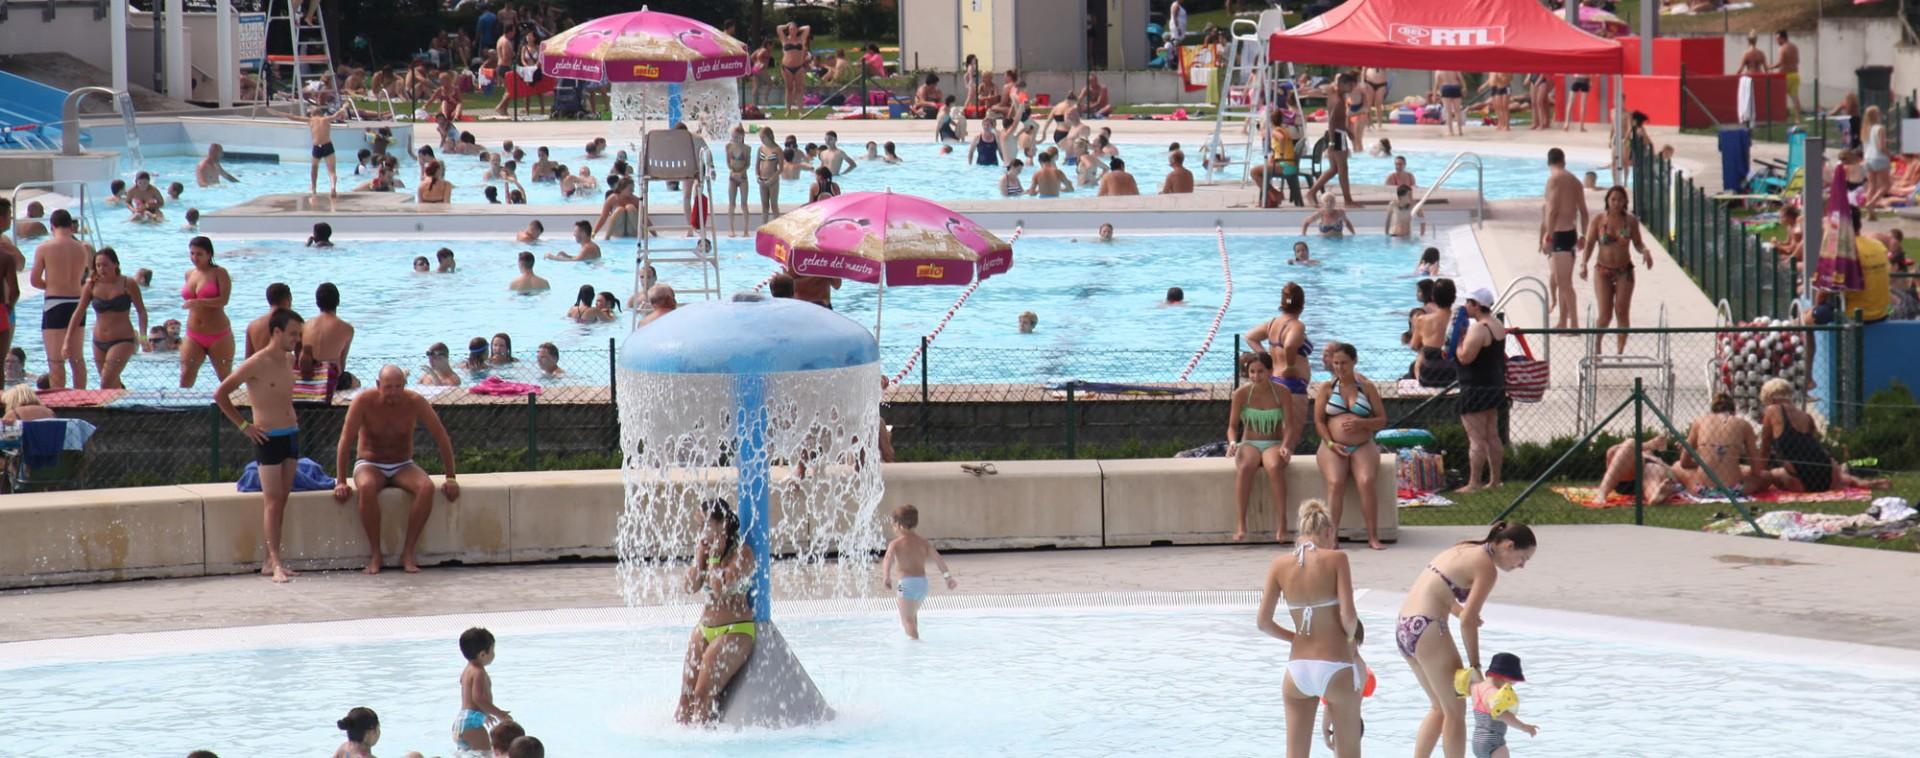 Les piscines extérieures en province de Liège | © FTPL - Patrice Fagnoul